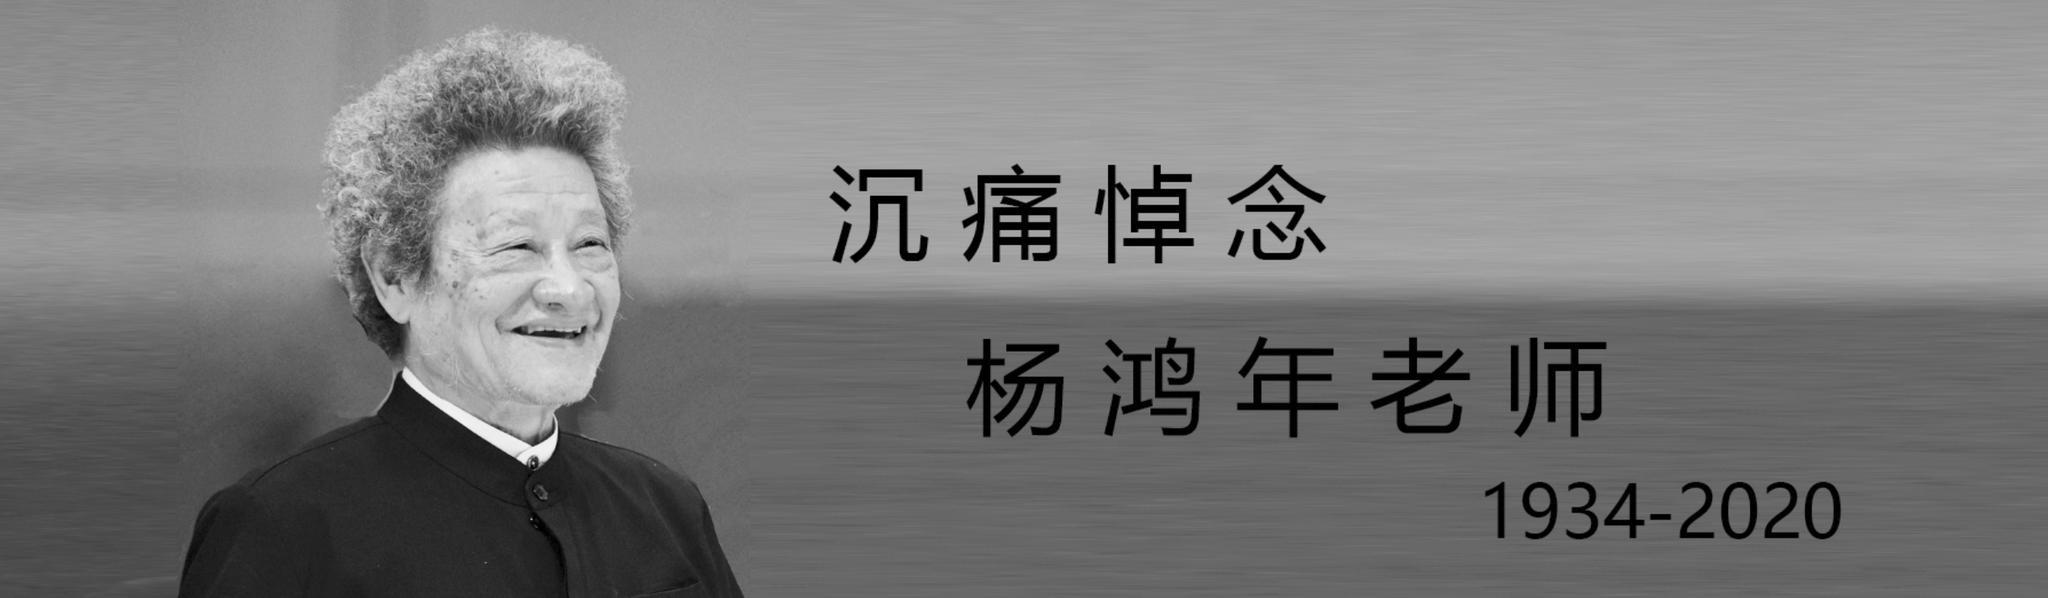 杏悦:北京爱杏悦乐合唱团创始人杨鸿年逝世享图片